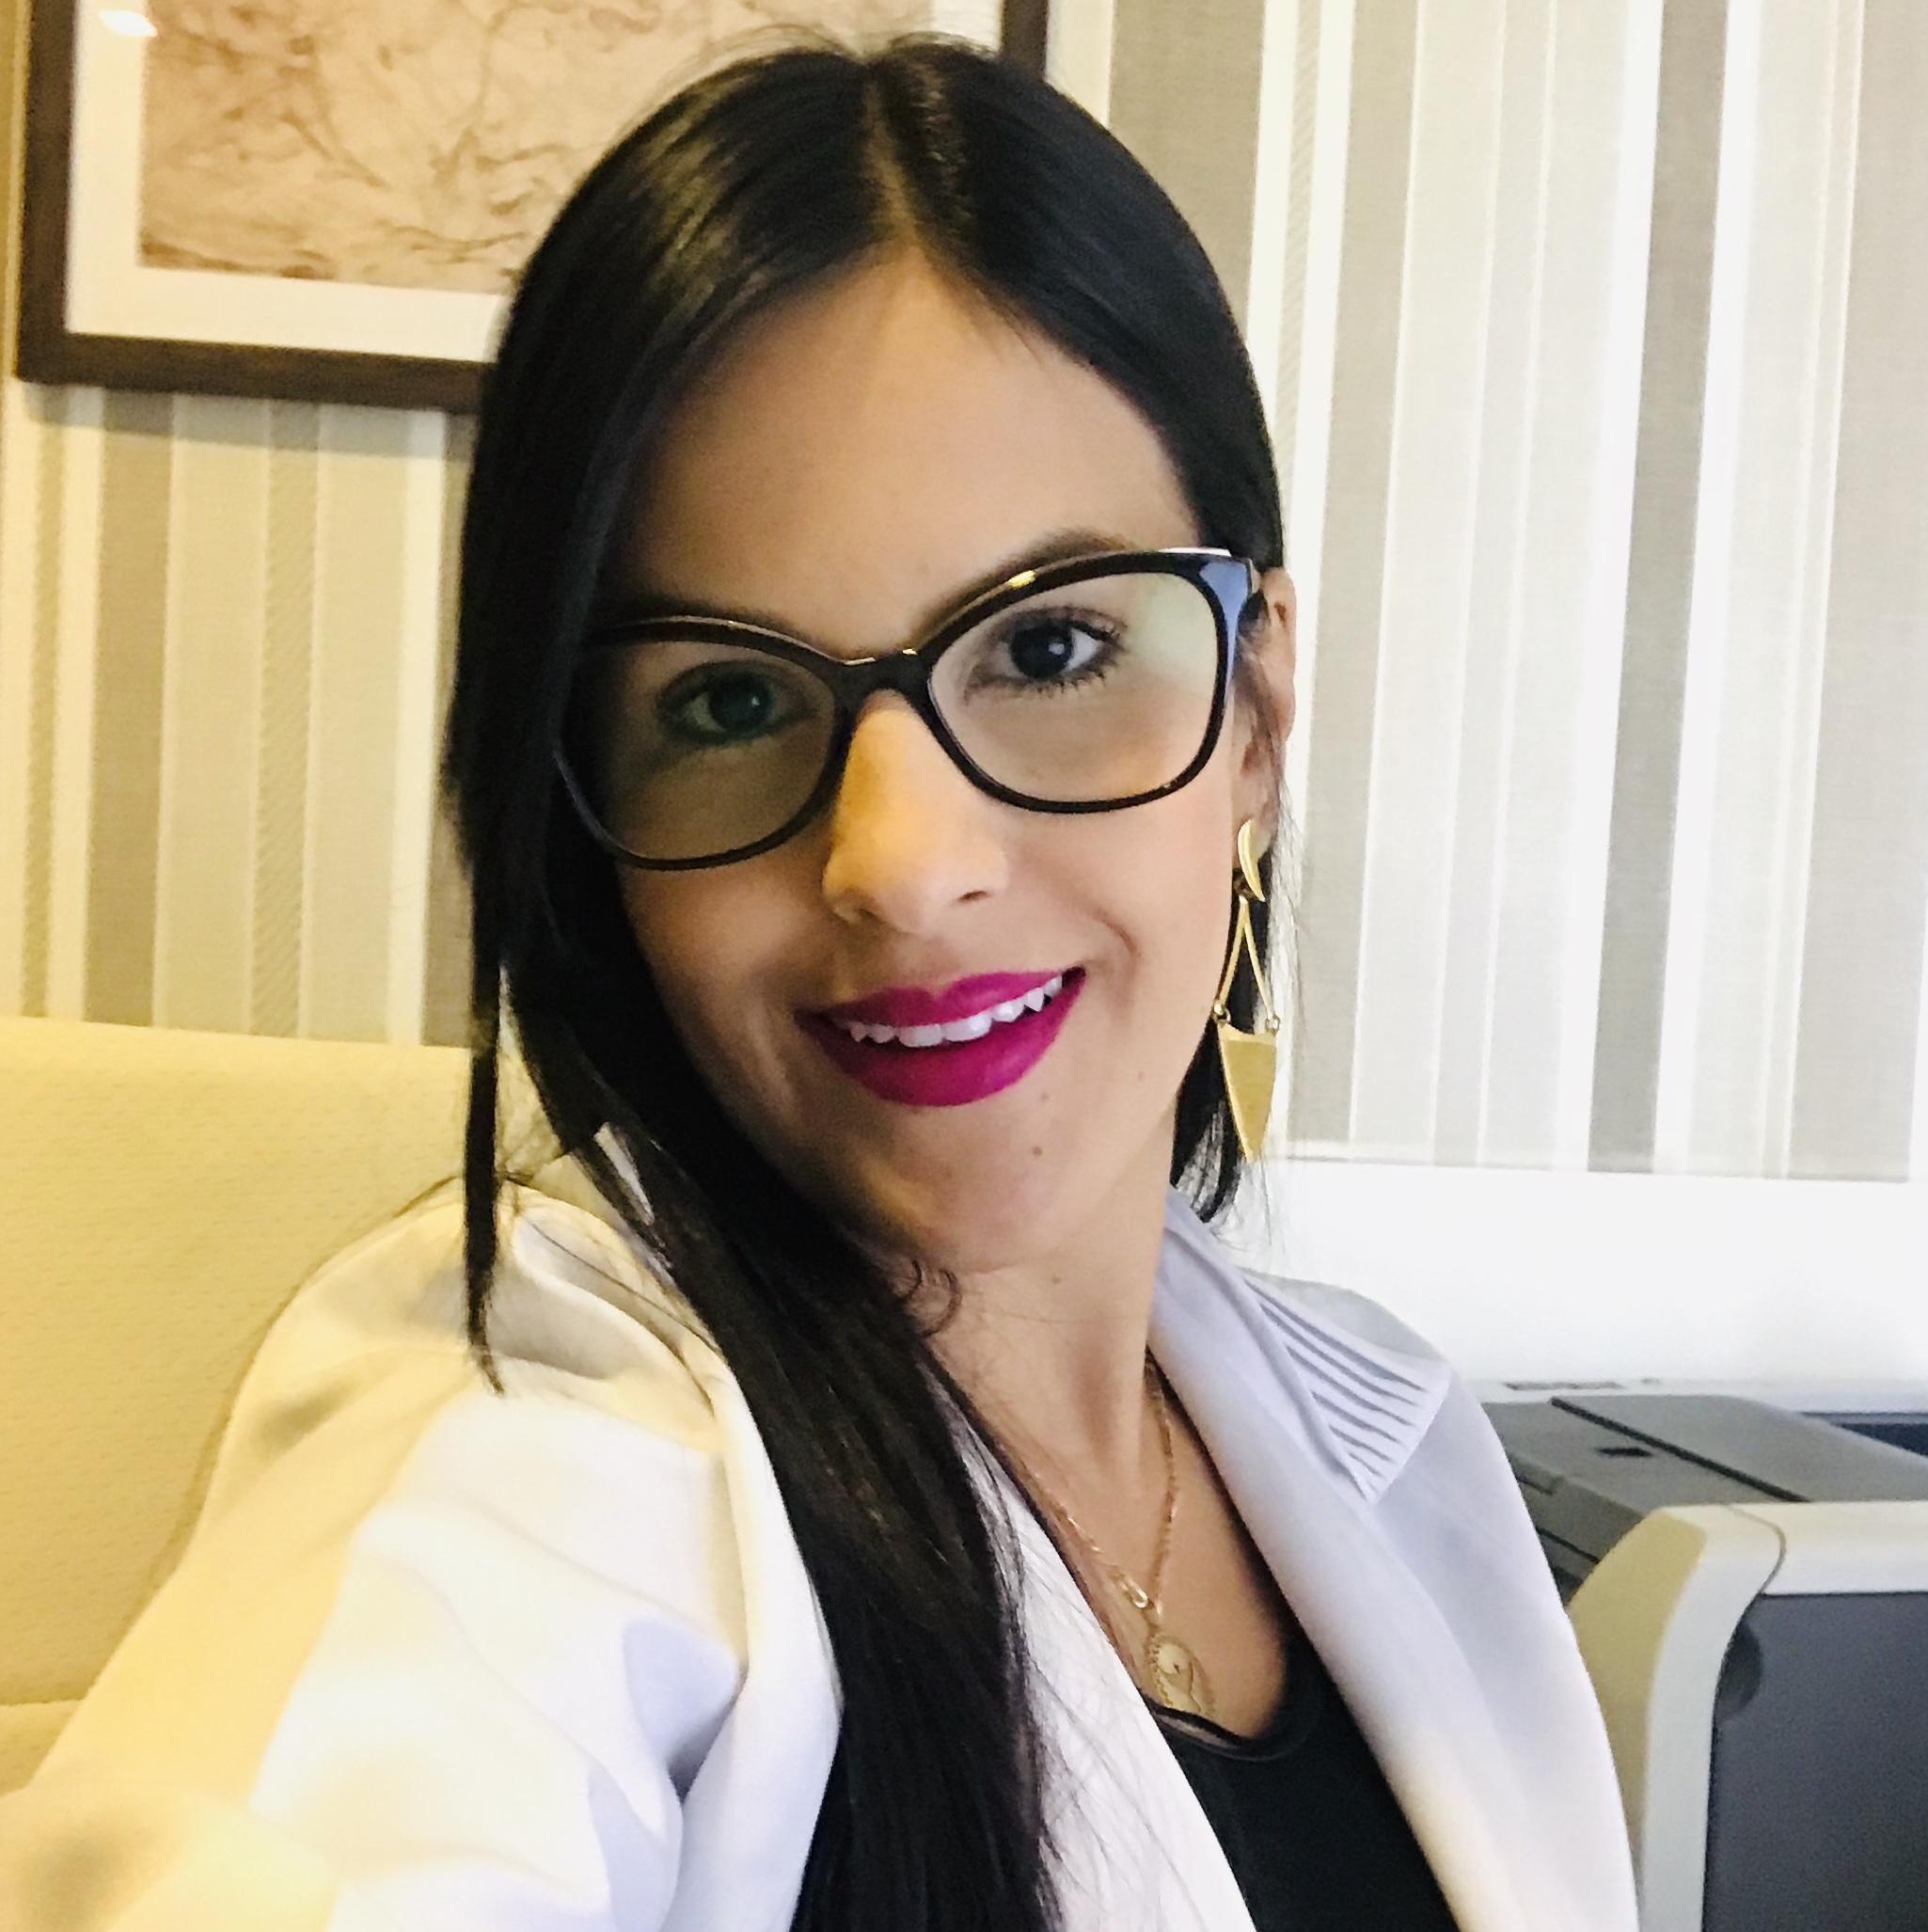 Ana Carolina Leite de Souza